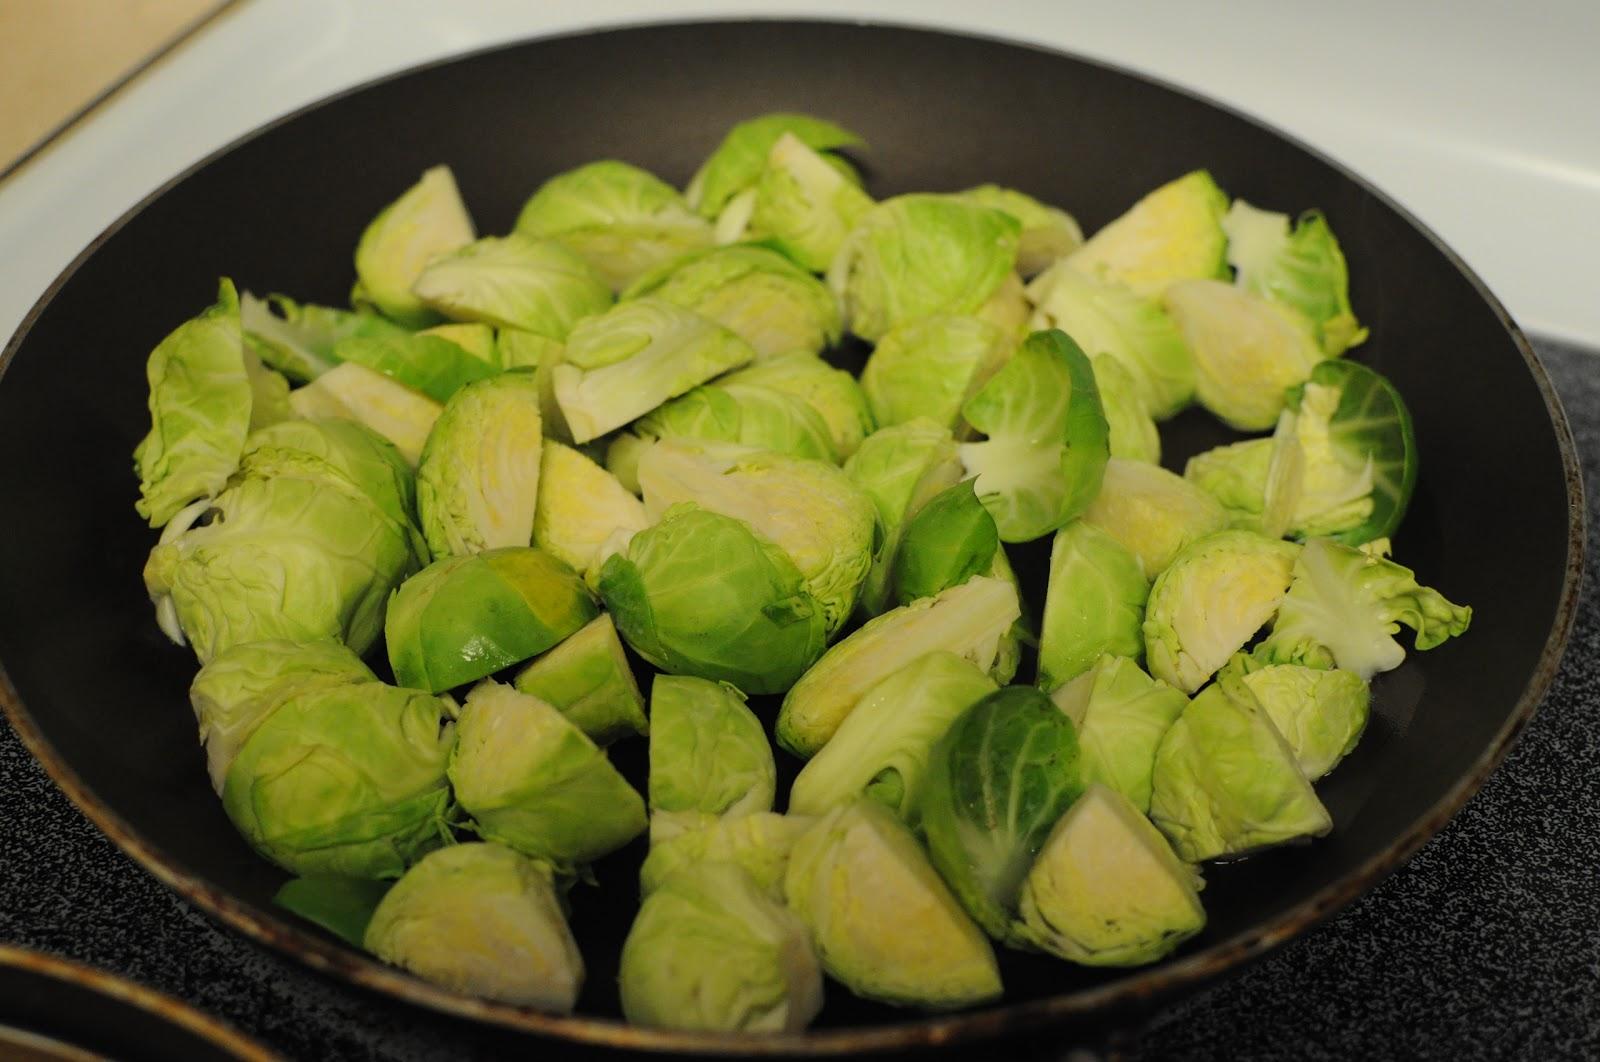 как приготовить брюссельскую капусту вкусно и полезно